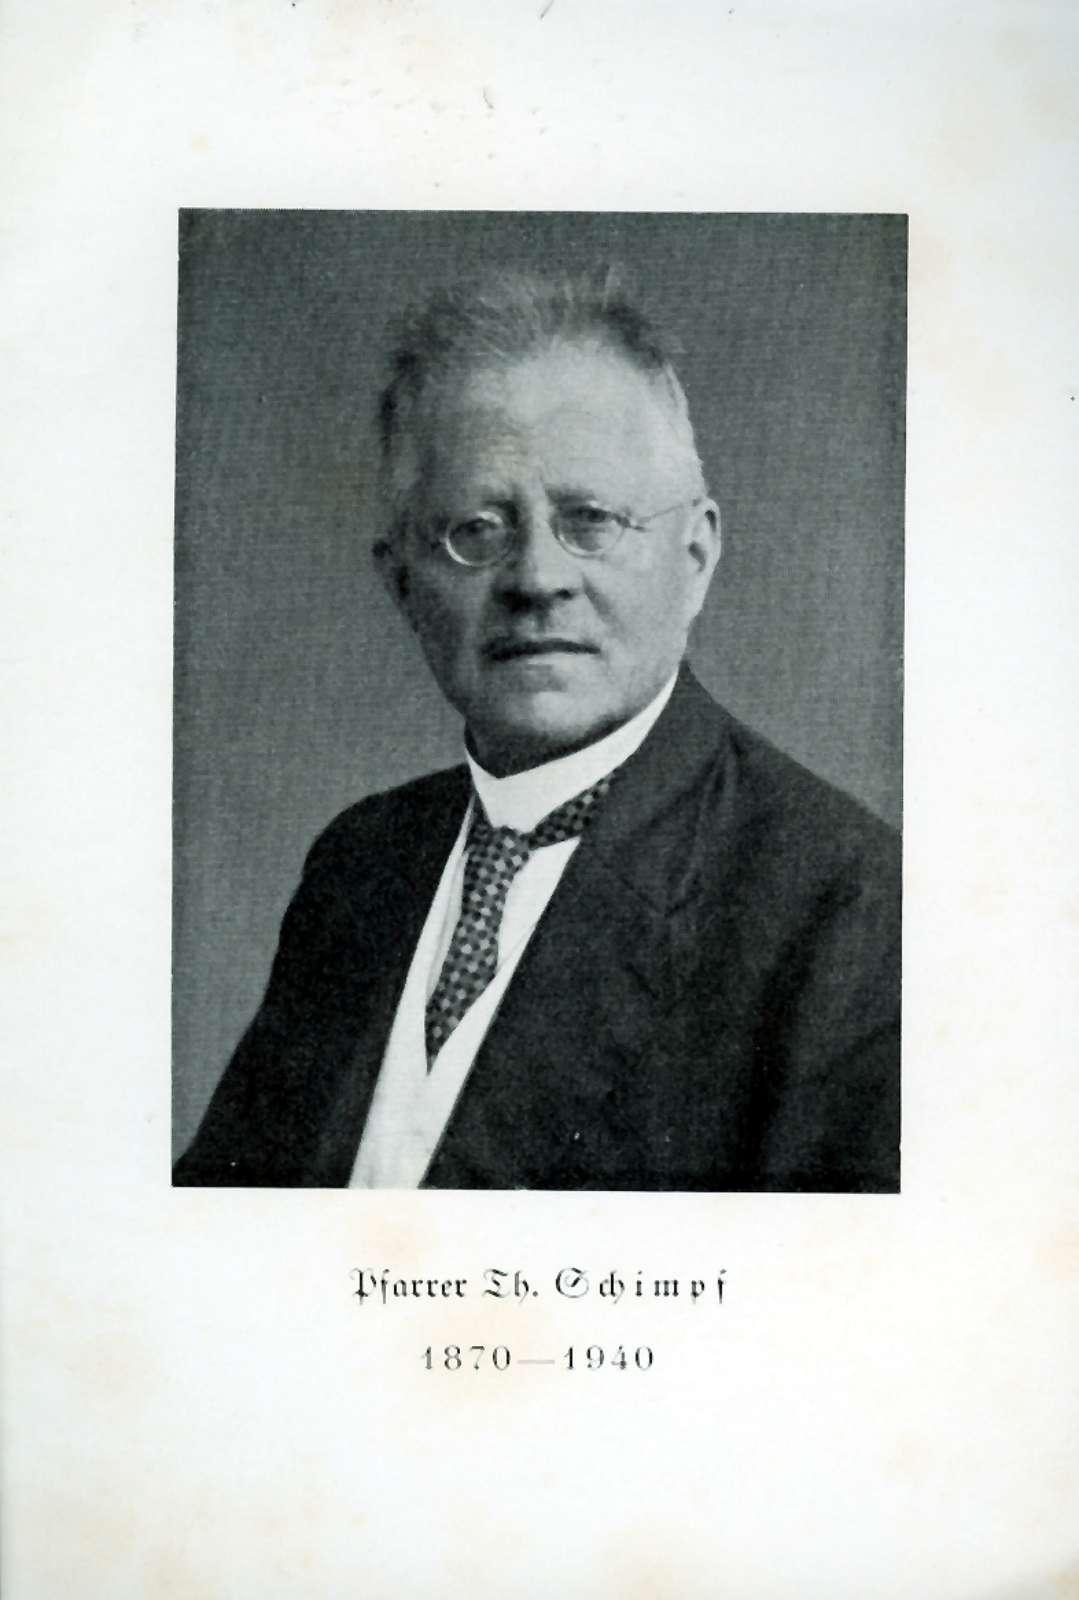 Leichenpredigten zu Mitgliedern der Familien Schilling von Cannstatt, Schloßberger, Schickard, Schlotterbeck und Schimpf, Bild 1